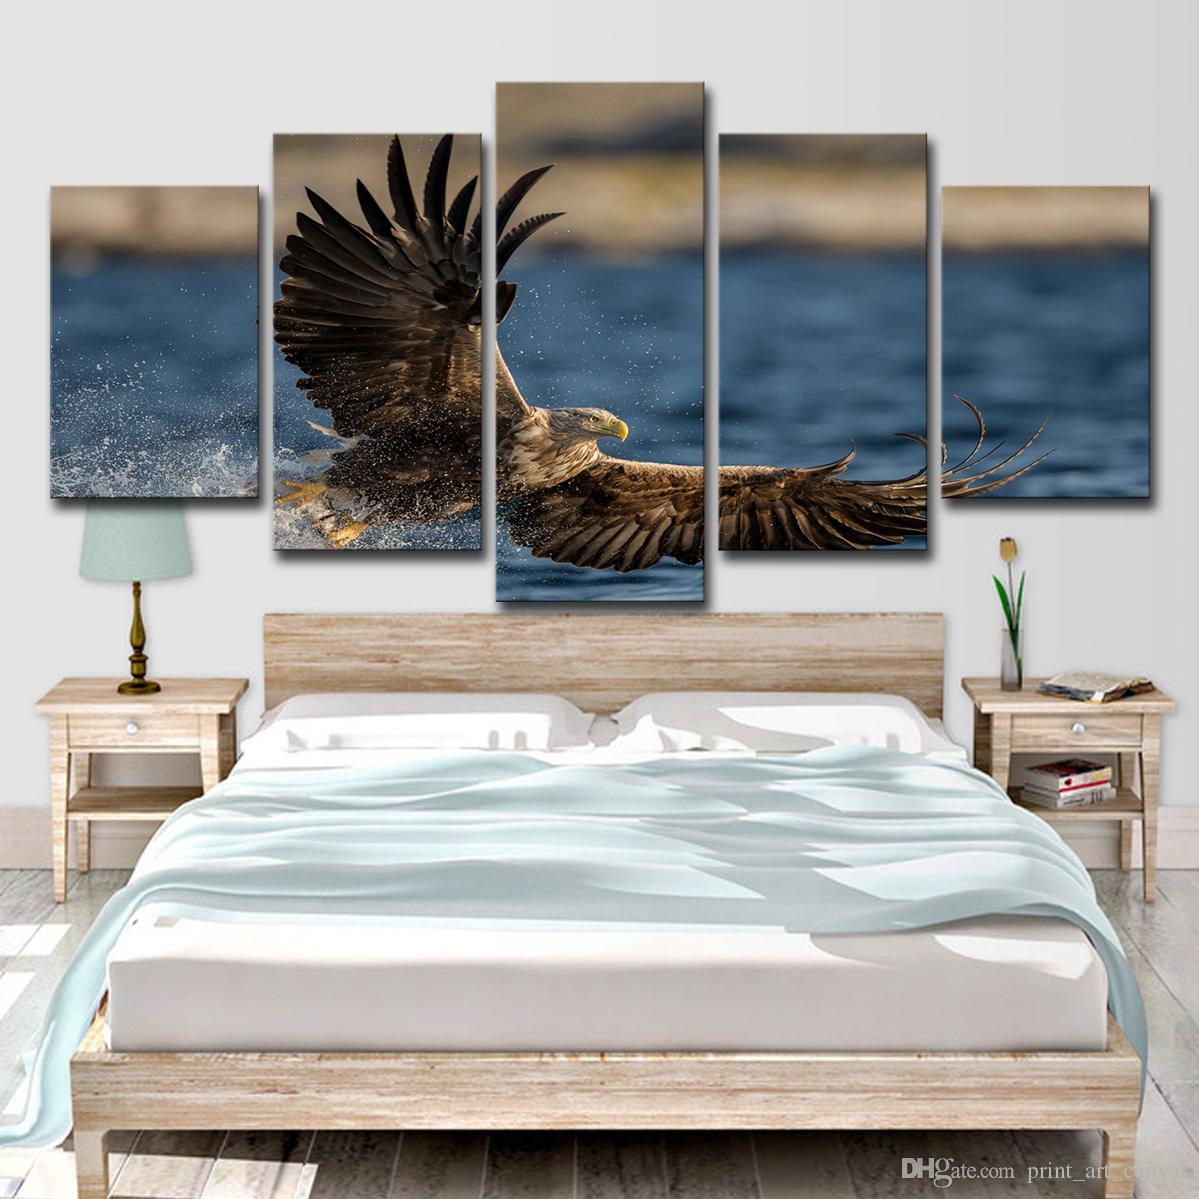 5 unids HD impreso mar águila pintura sobre lienzo decoración de la habitación impresión del cartel foto lienzo envío gratis